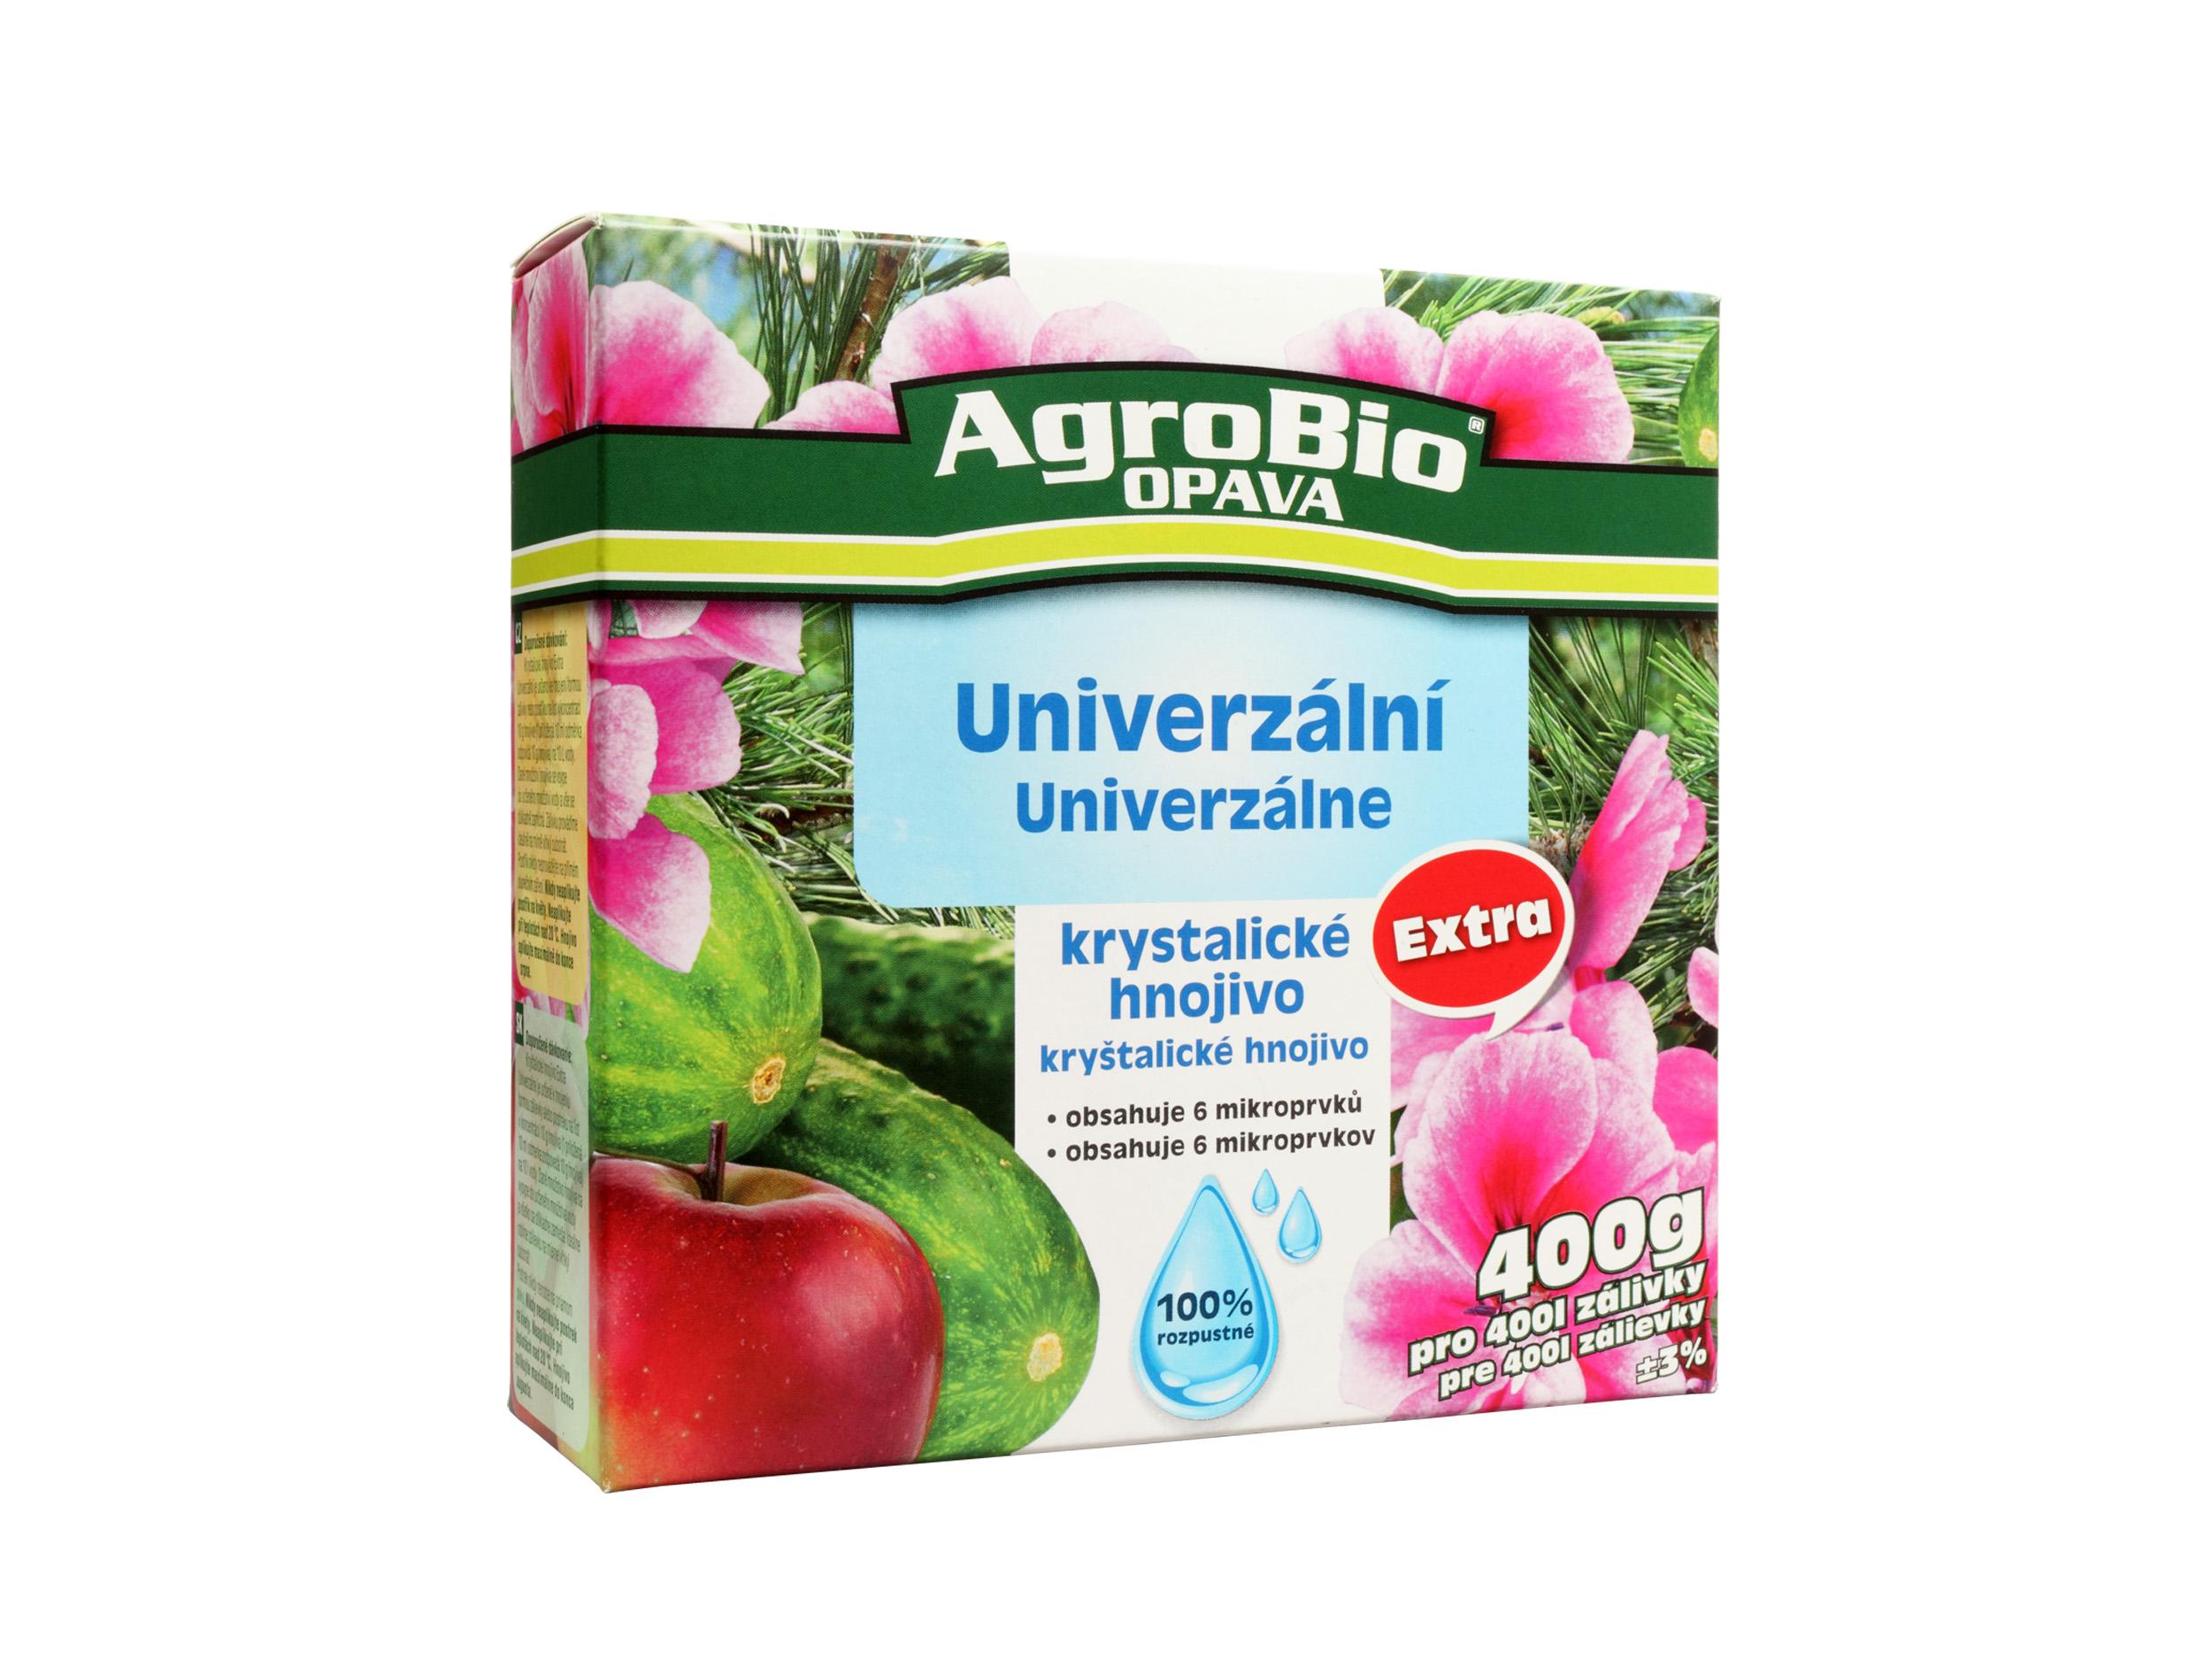 Krystalické hnojivo Extra - Univerzální